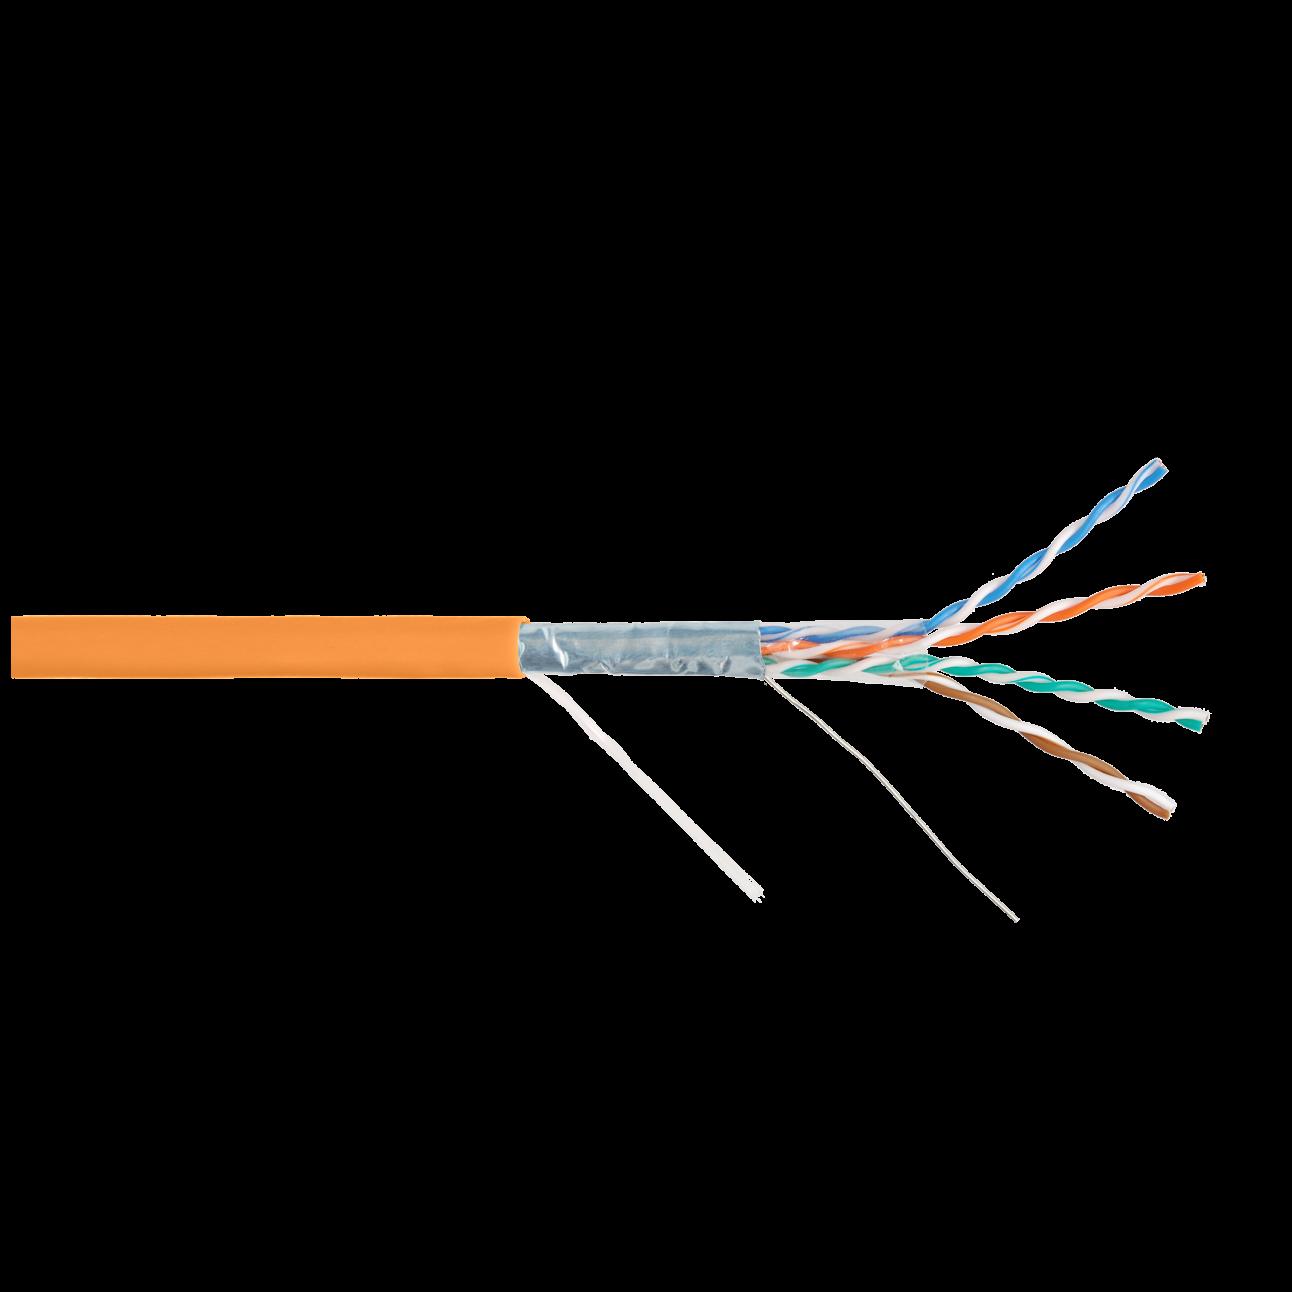 Кабель NIKOLAN F/UTP 4 пары, Кат.5e (Класс D), тест по ISO/IEC, 100МГц, одножильный, BC (чистая медь), 24AWG (0,50мм), внутренний, LSZH нг(А)-HFLTx